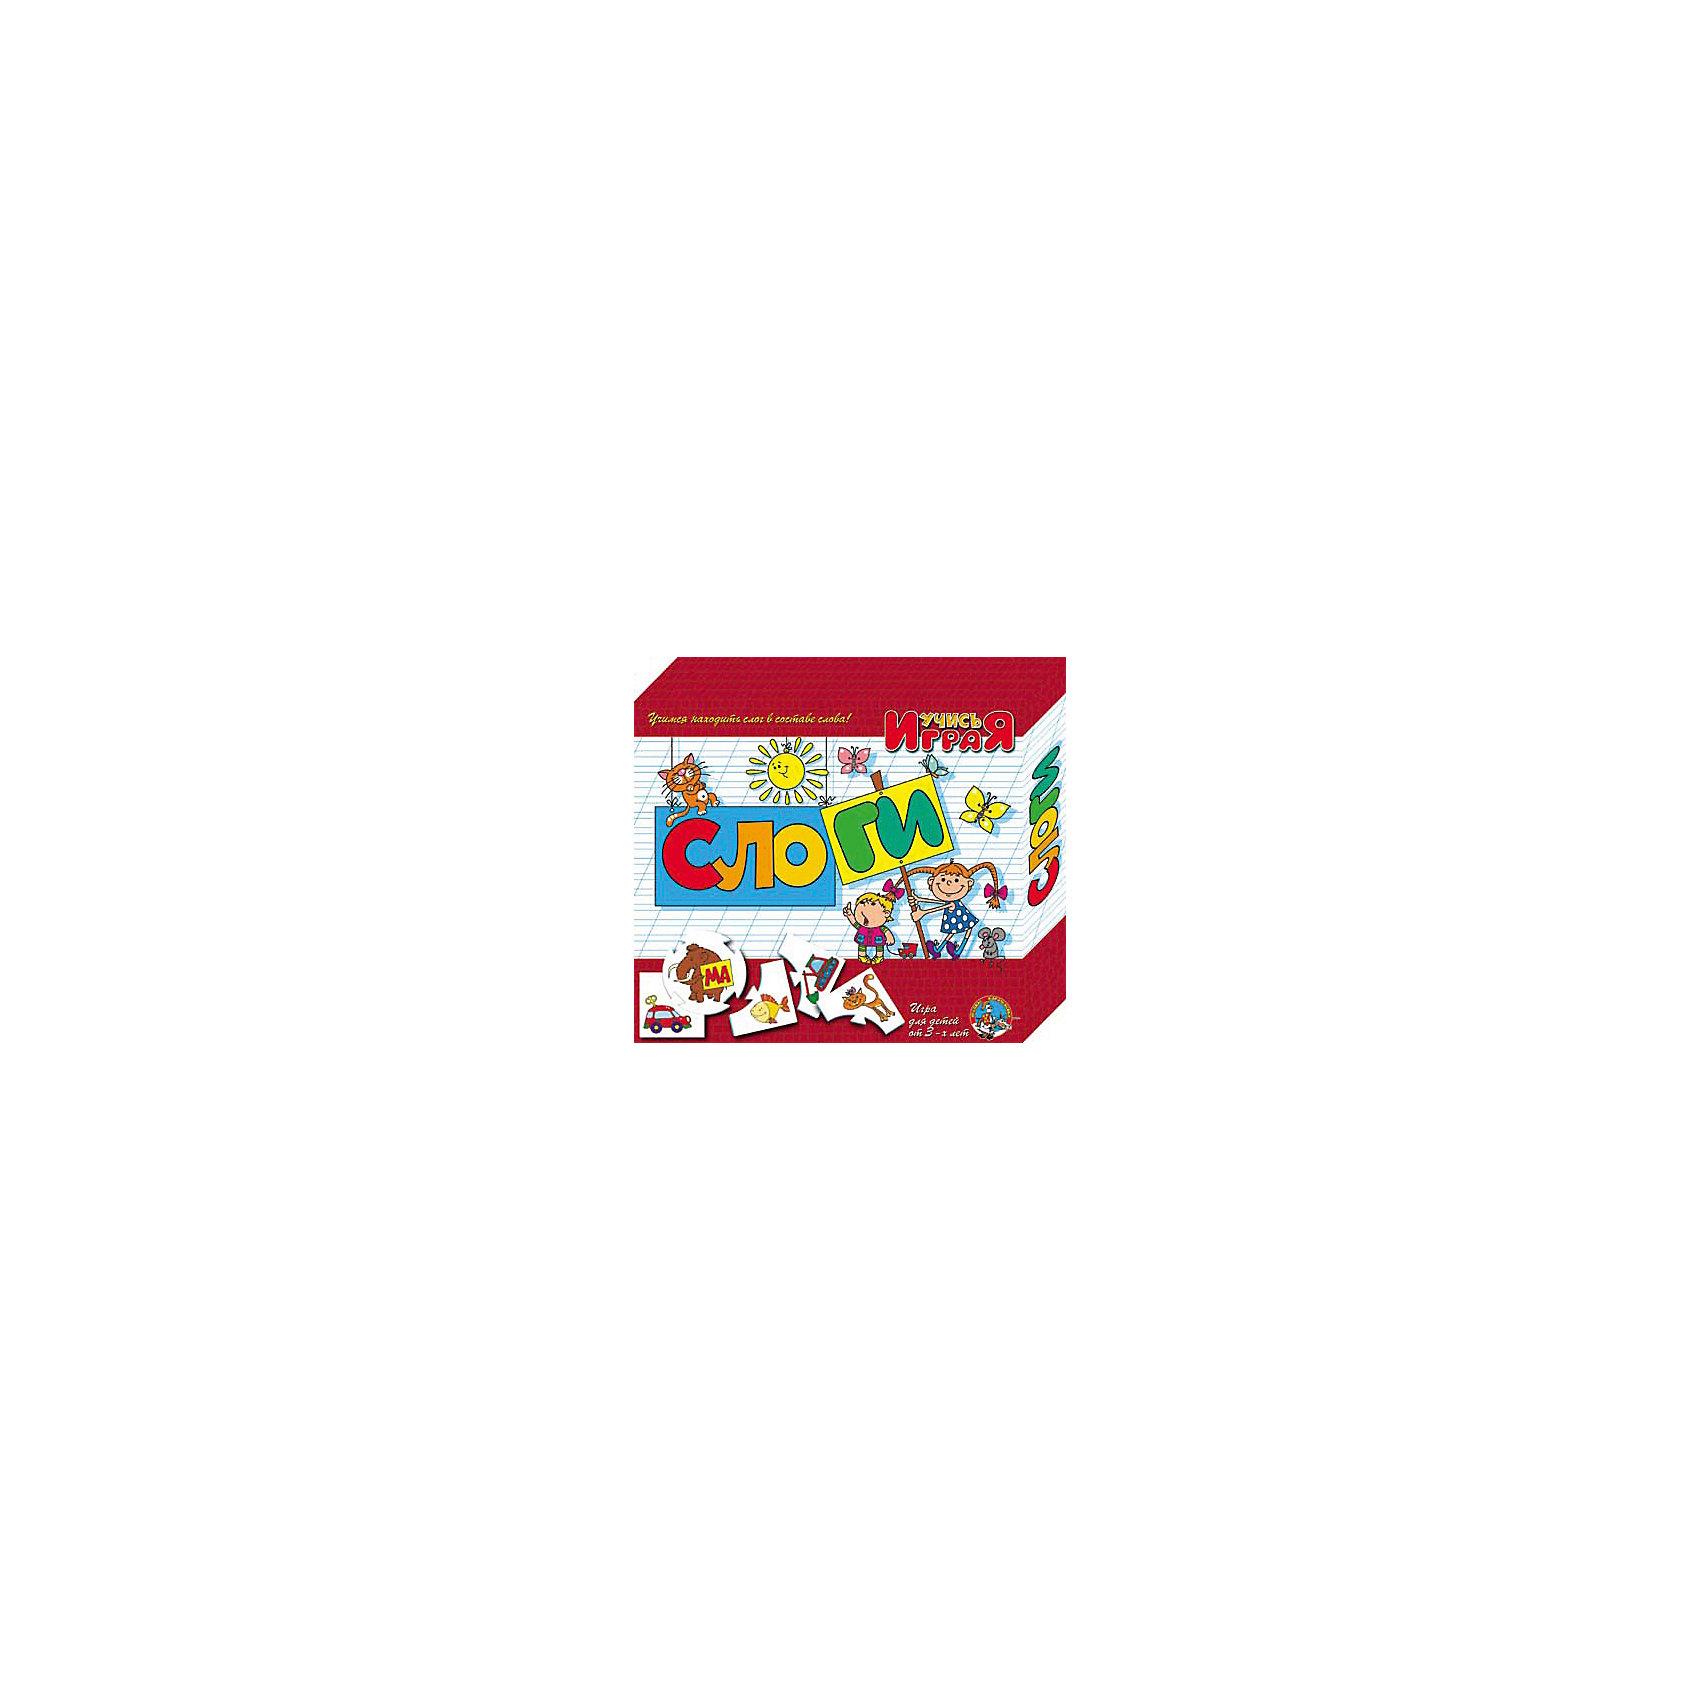 Игра обучающая  Слоги, Десятое королевствоРазвивающие игры<br>Игра обучающая Слоги, Десятое королевство<br><br>Характеристики:<br><br>• Возраст: от 3 лет<br>• Количество игроков: от 1 до 10<br>• В комплекте: 10 карточек заданий, 4 карточки с ответами<br><br>В этой увлекательной обучающей игре могут участвовать одновременно от 1 до 10 детей! В наборе содержатся 10 карточек-заданий, на которых изображены рисунки. К каждой необходимо найти 4 карточки-ответа, чтобы дополнить их содержание. В процессе игры дети работают над мелкой моторикой и расширяют свои знания и представления об окружающем мире.<br><br>Игра обучающая Слоги, Десятое королевство можно купить в нашем интернет-магазине.<br><br>Ширина мм: 230<br>Глубина мм: 200<br>Высота мм: 35<br>Вес г: 240<br>Возраст от месяцев: 84<br>Возраст до месяцев: 2147483647<br>Пол: Унисекс<br>Возраст: Детский<br>SKU: 5471693